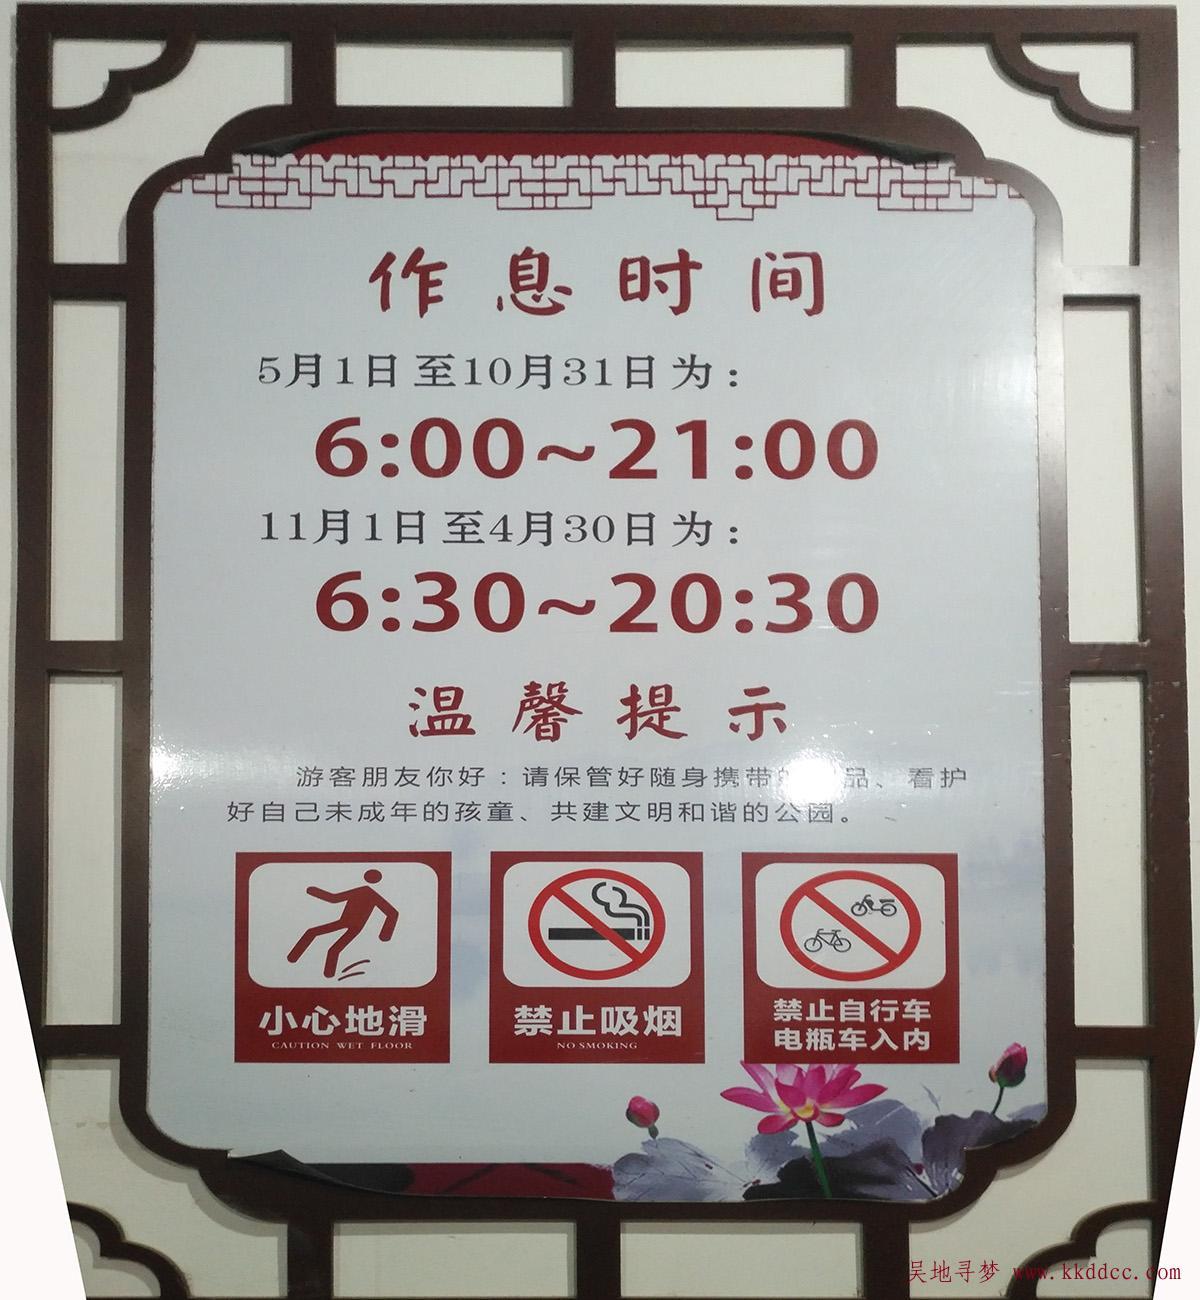 苏州吴中范蠡公园开放时间(范蠡公园无需门票免费入场)